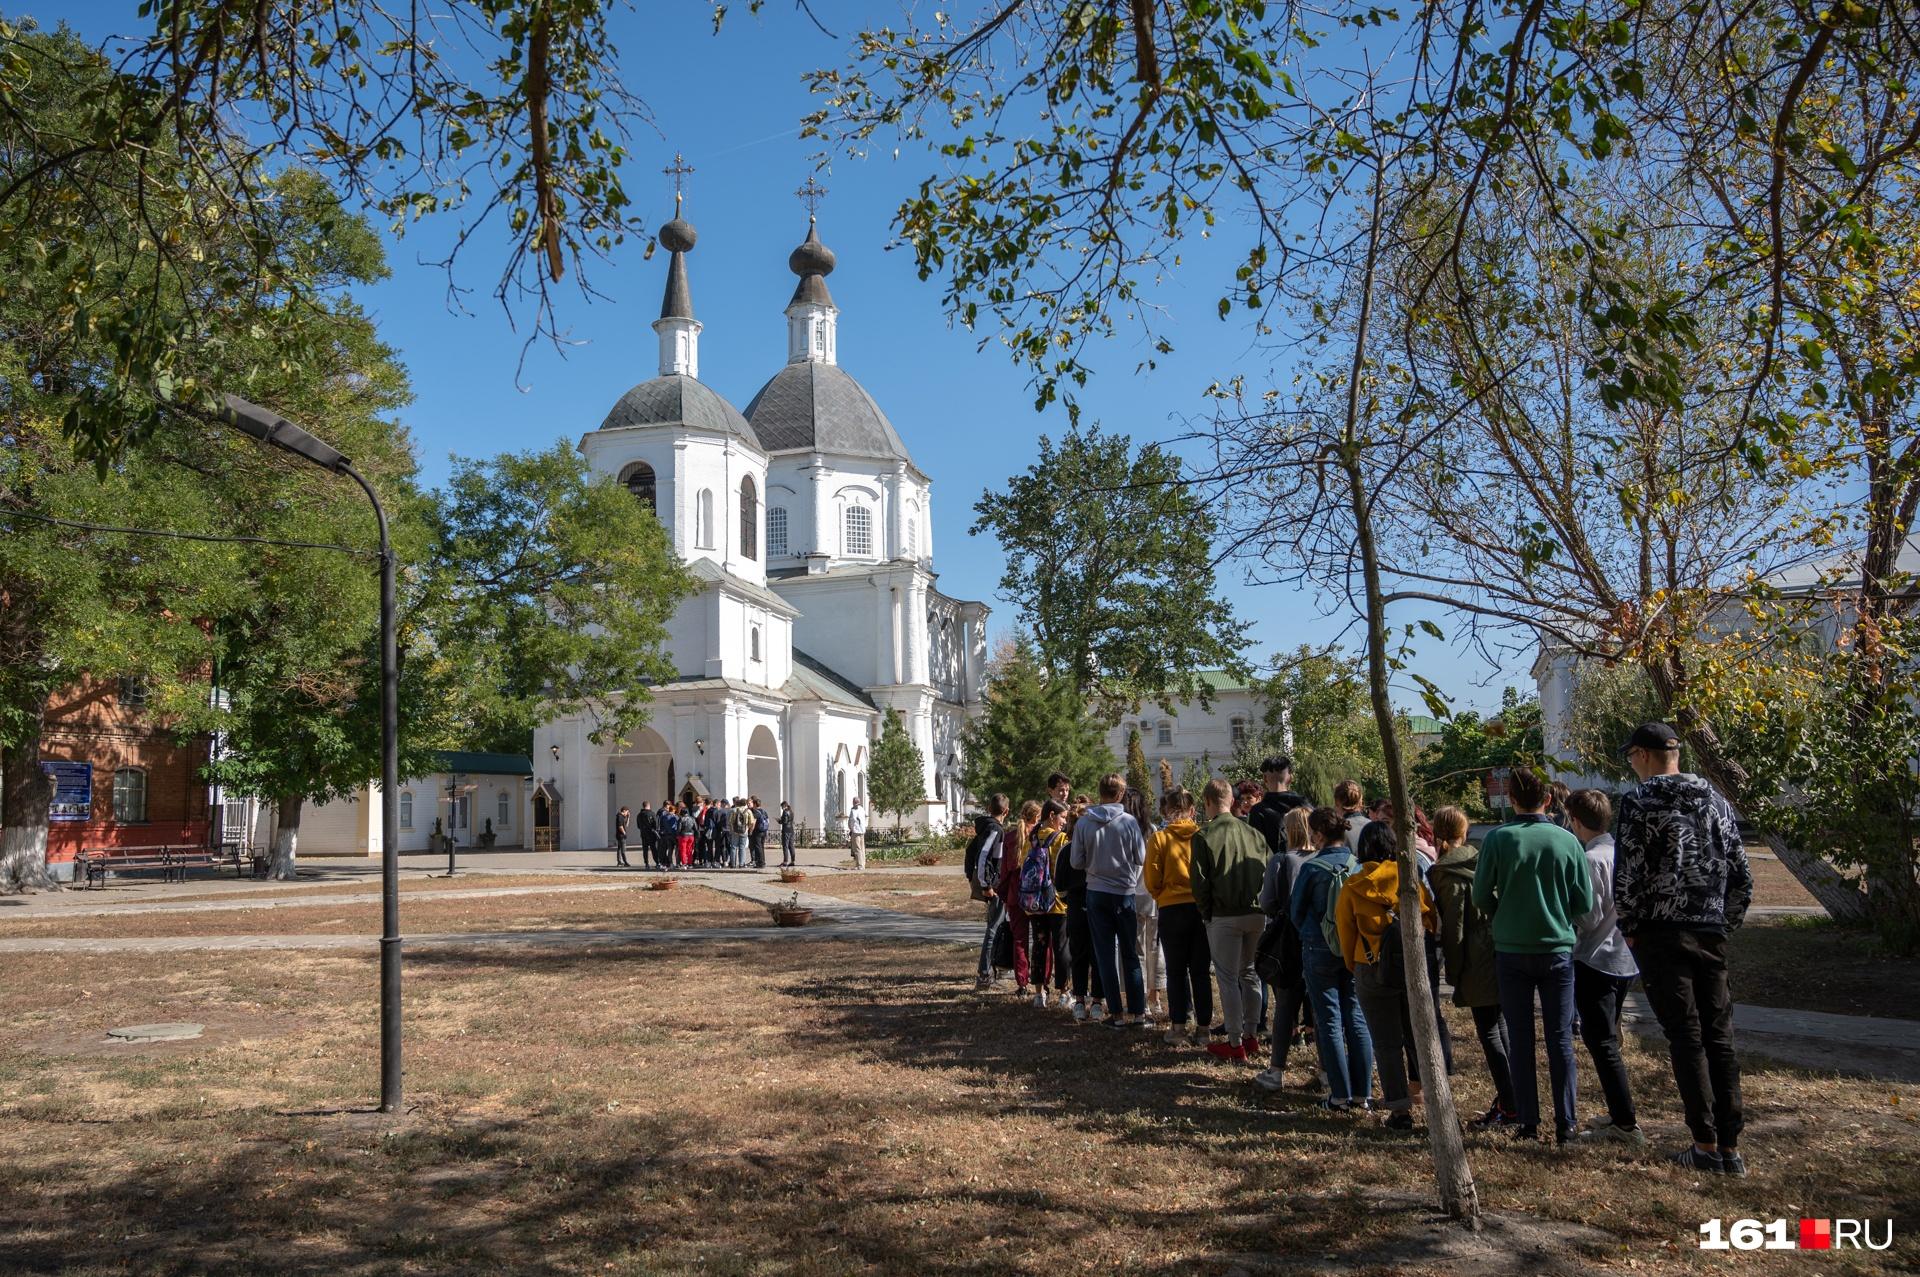 Экскурсии собираются в Донскую домовую церковь